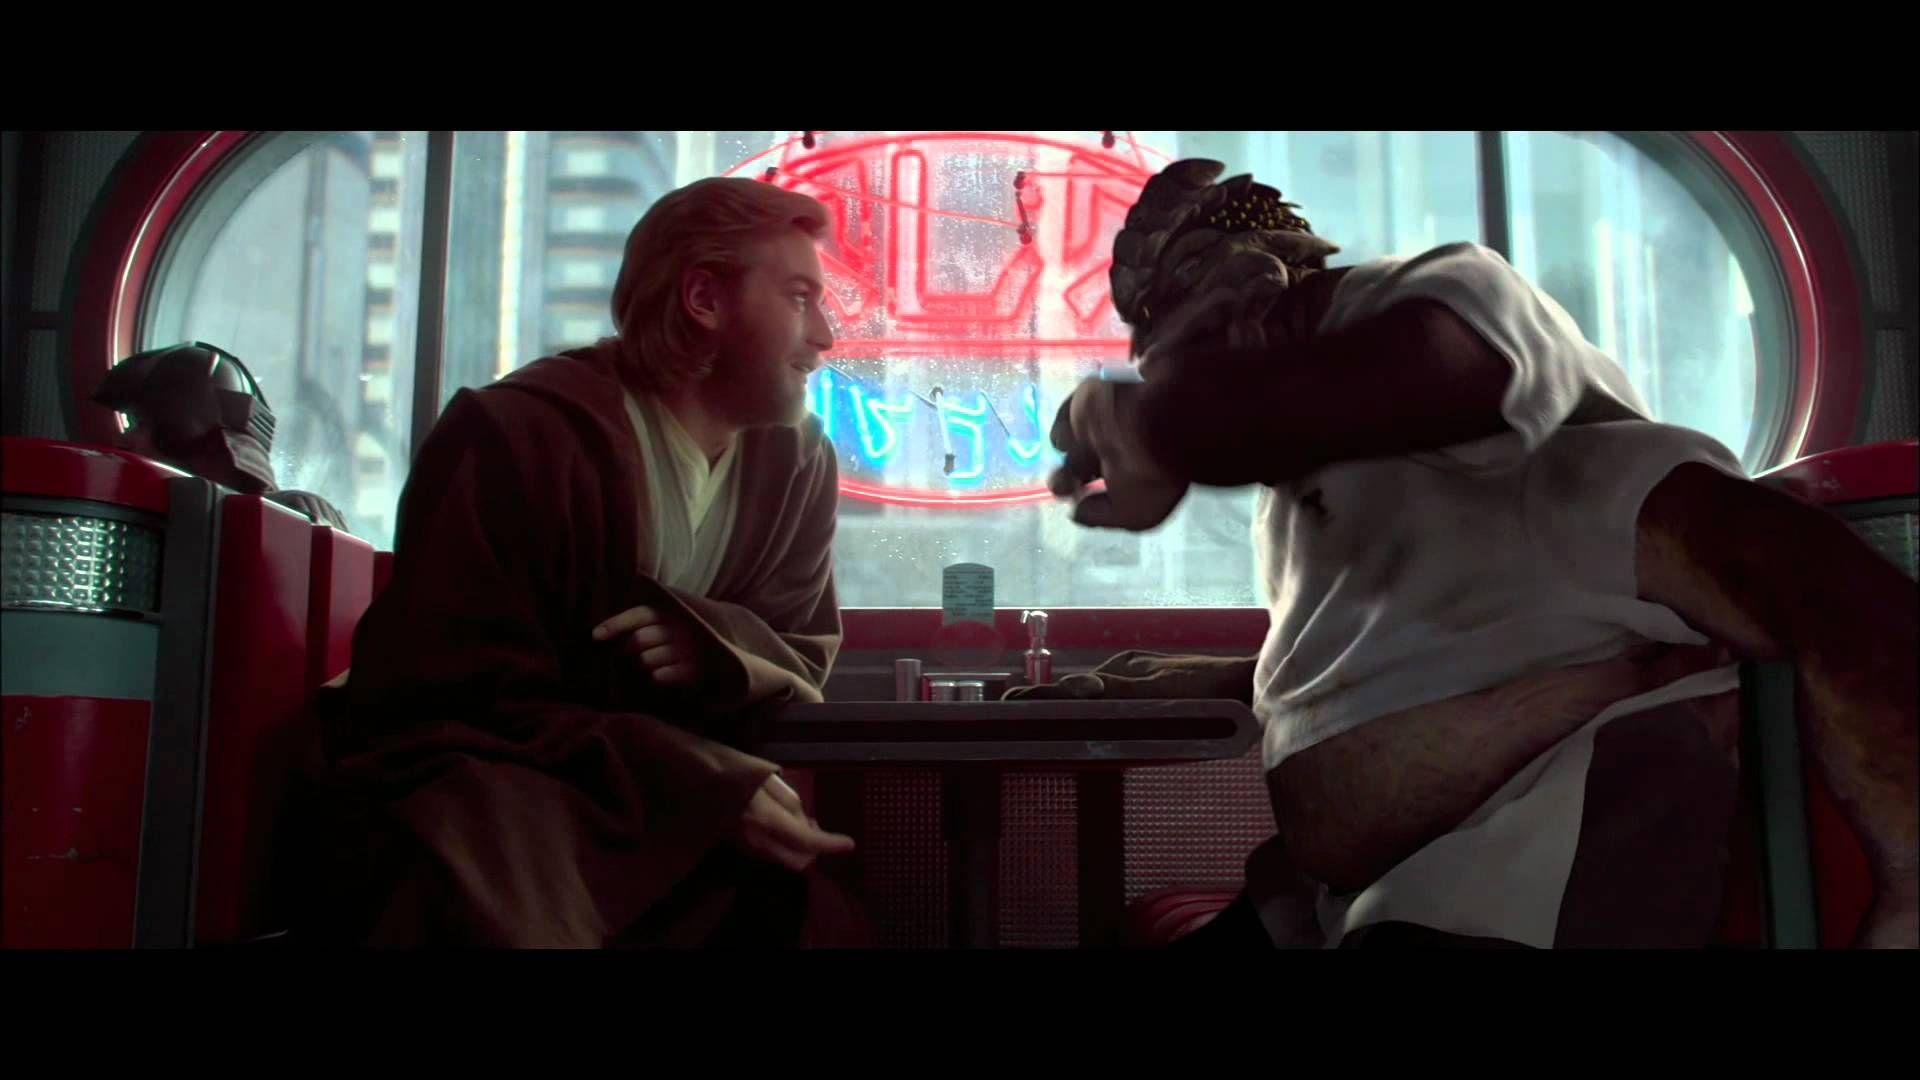 Obi Want And Dexter Jettster Star Wars Obi Wan Kenobi Obi Wan